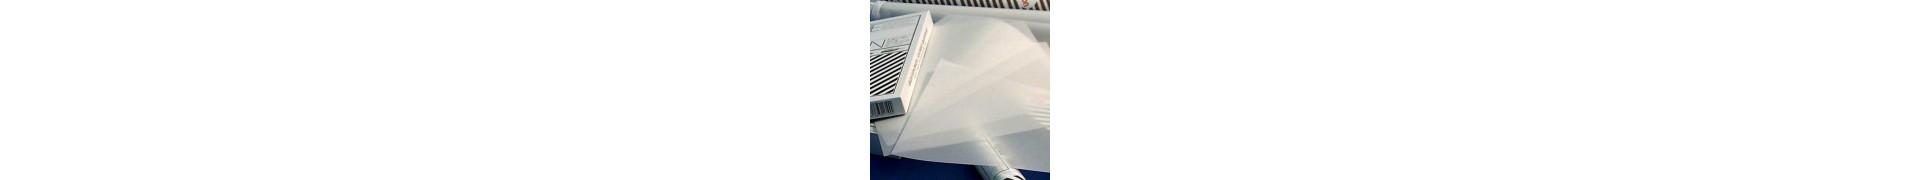 Rouleau calque CANSON - 40/45gr - F:0.75 x 20 m - 12104